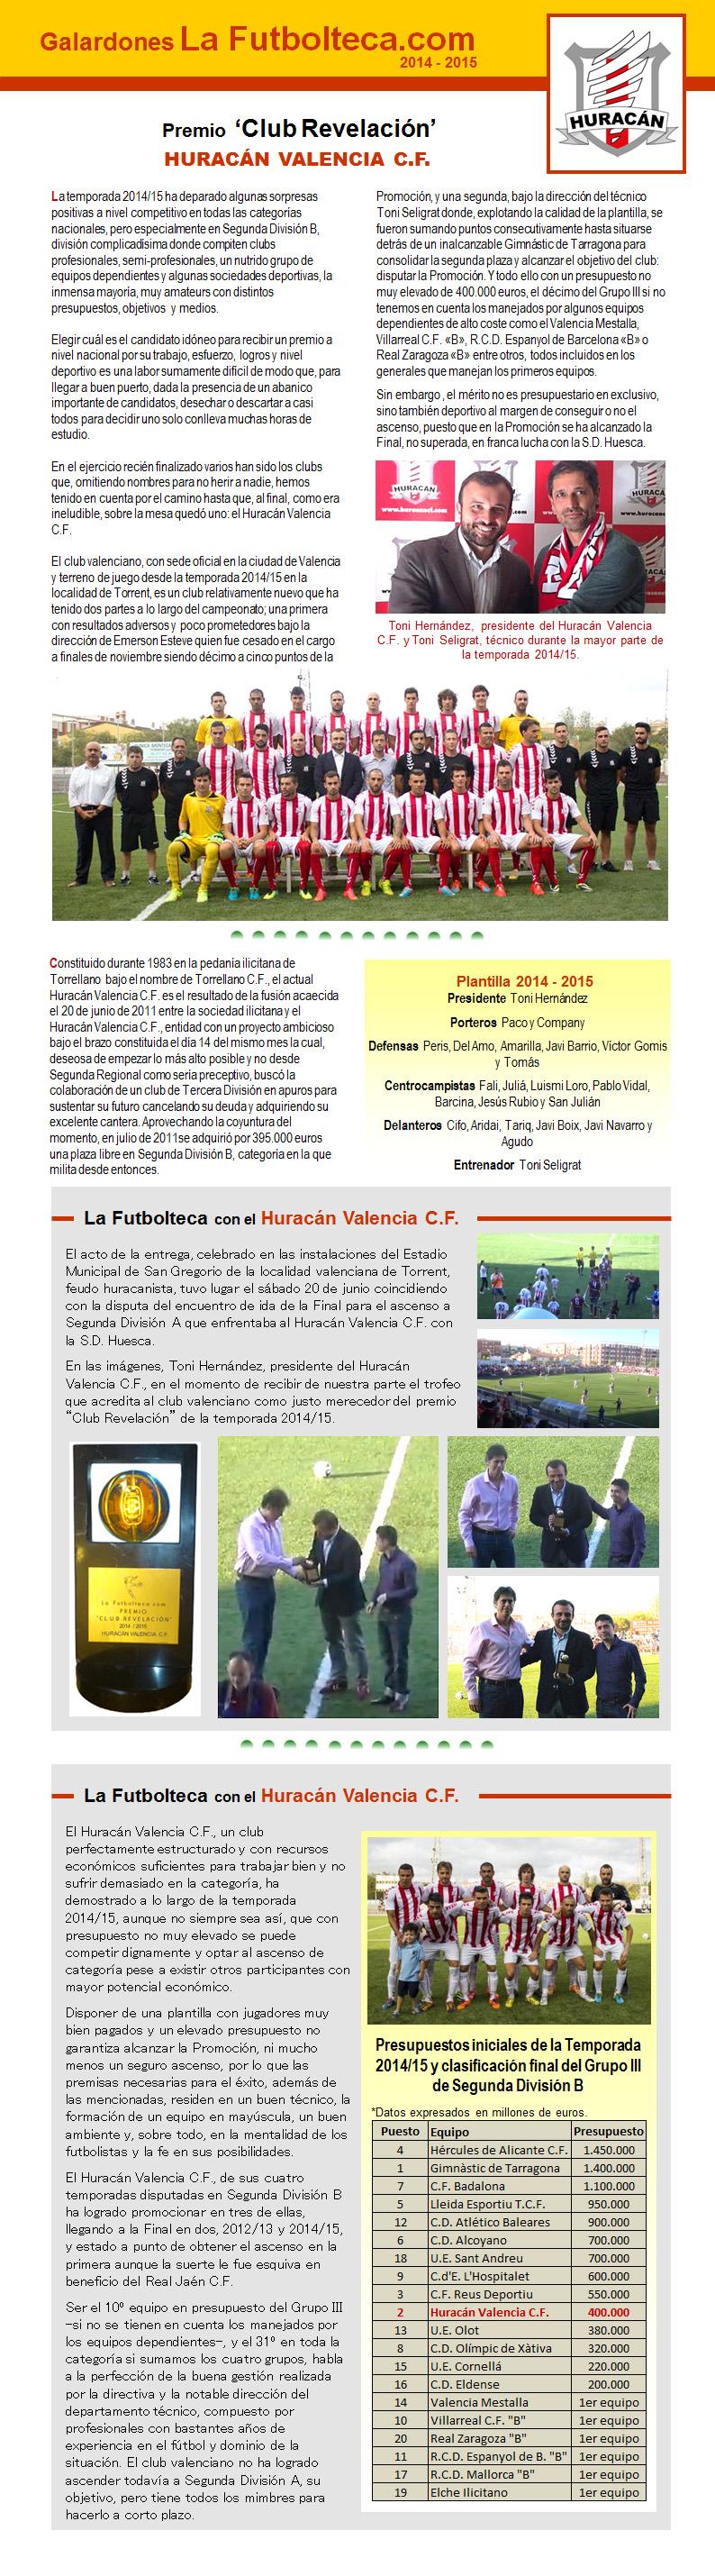 Premio Club Revelacion La Futbolteca 2015